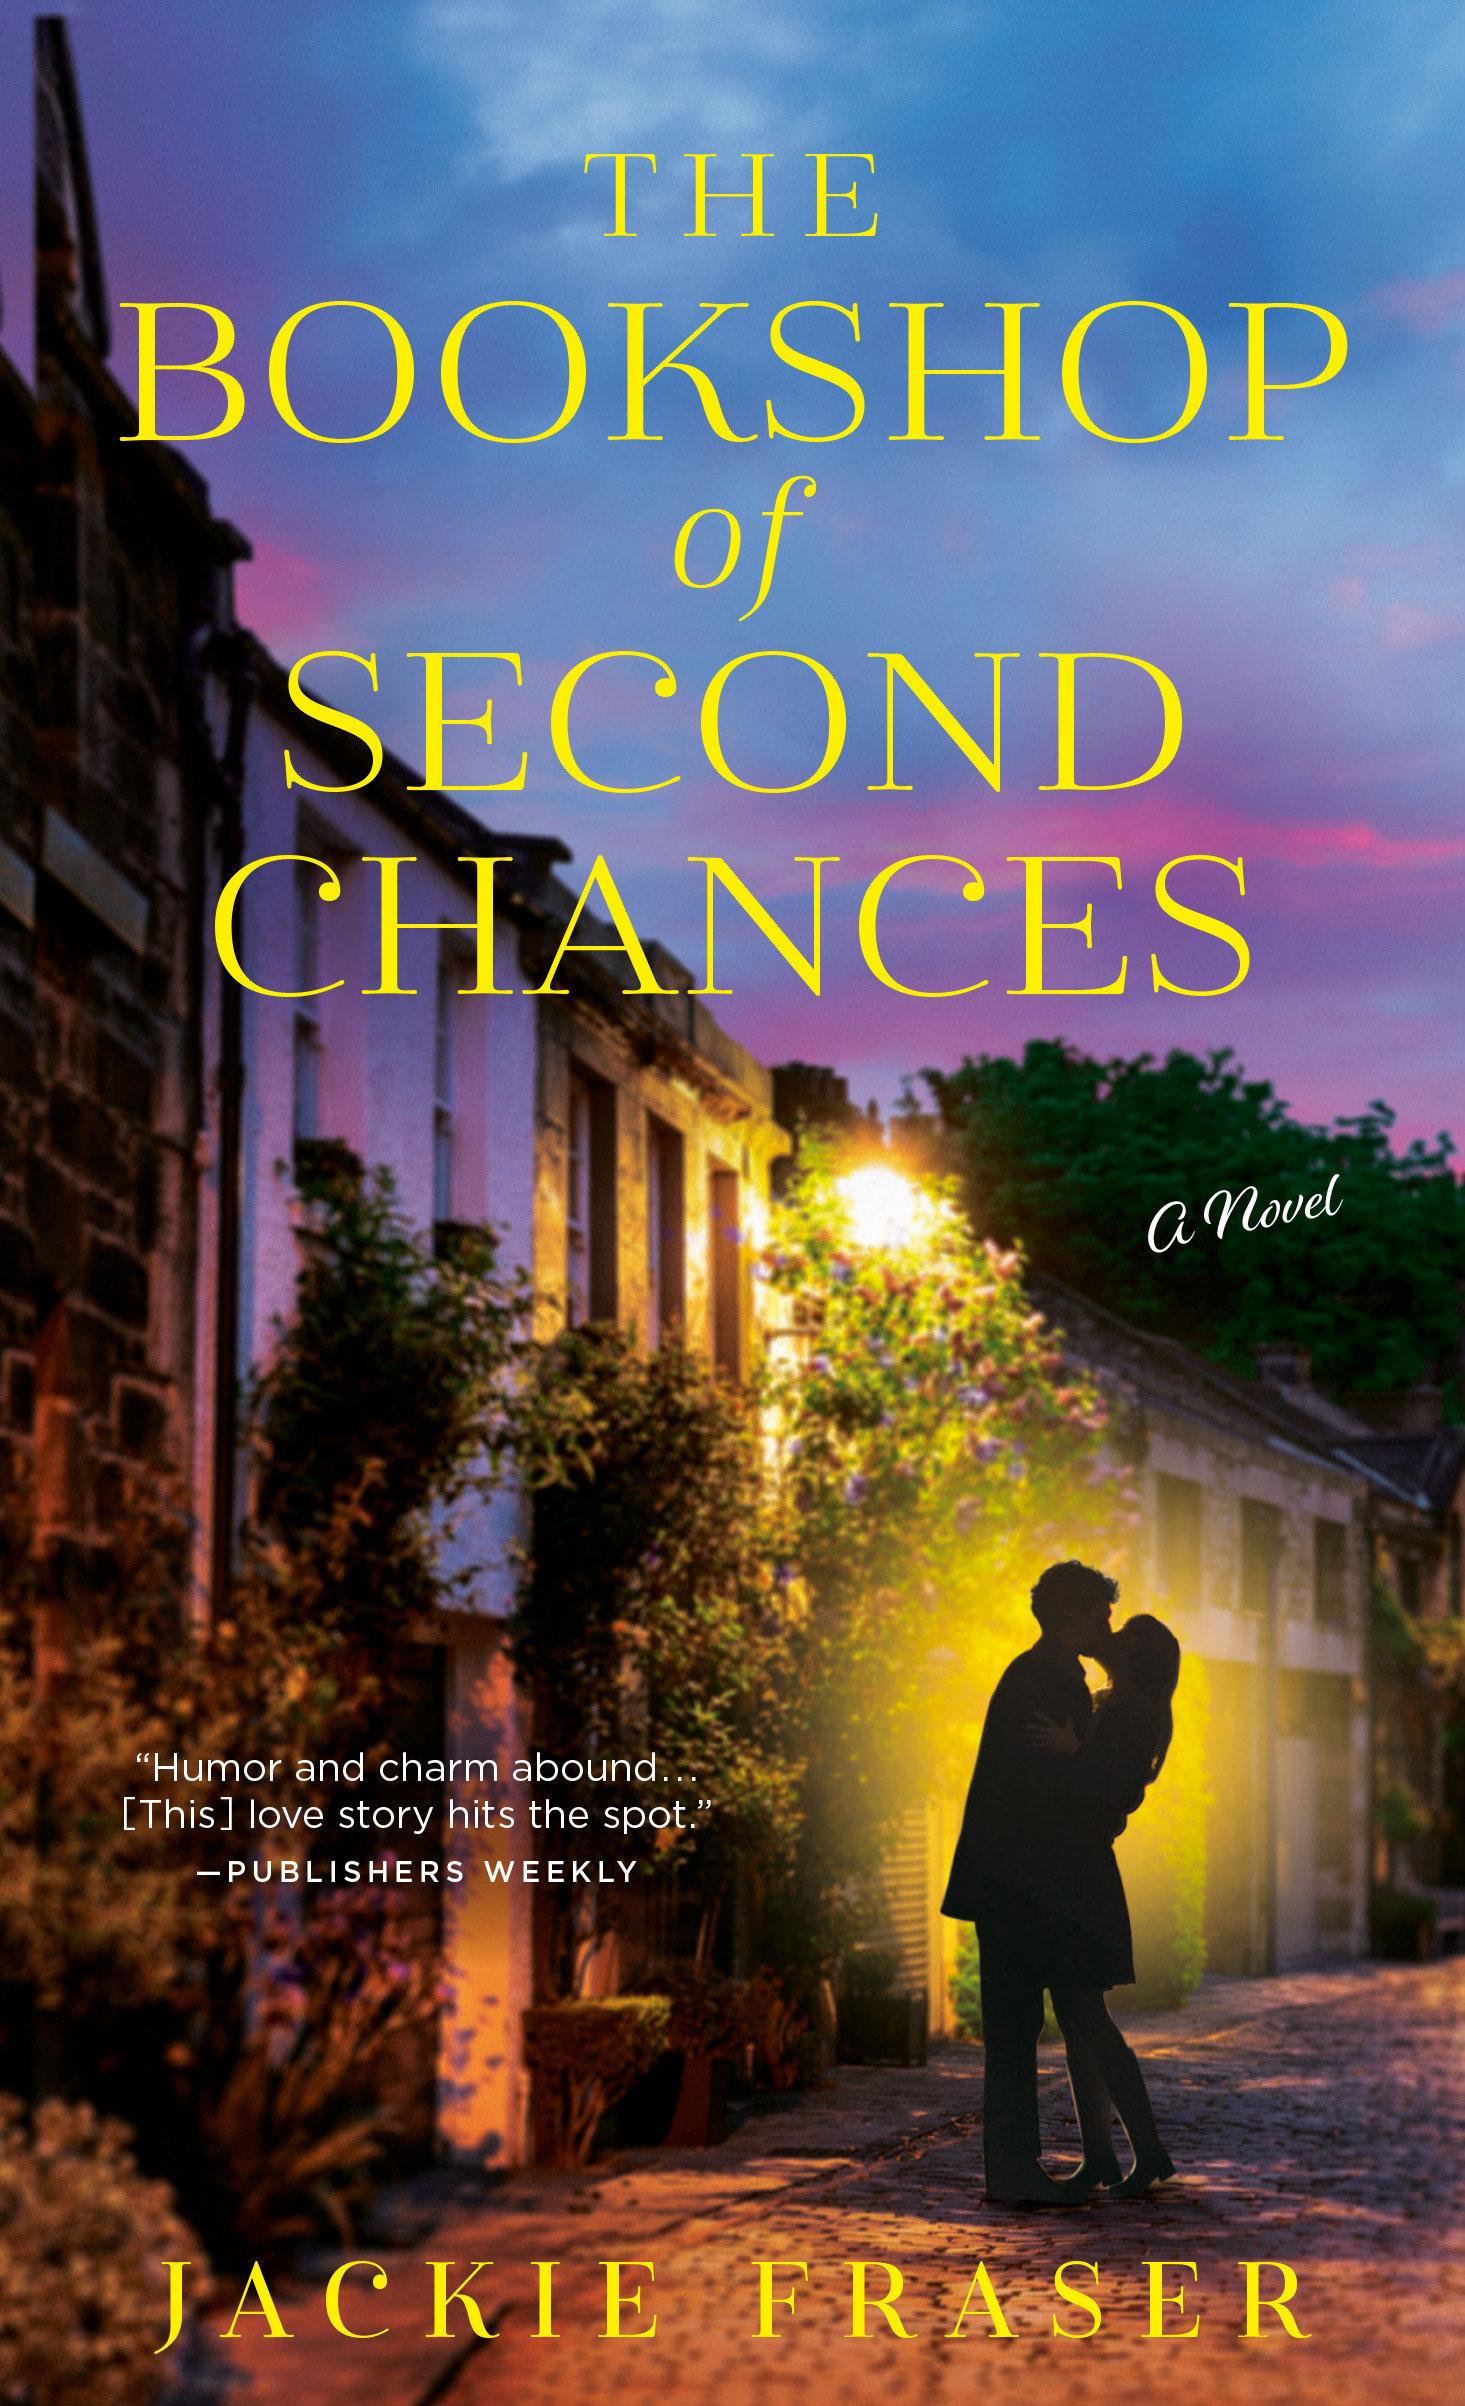 The Bookshop of Second Chances A Novel